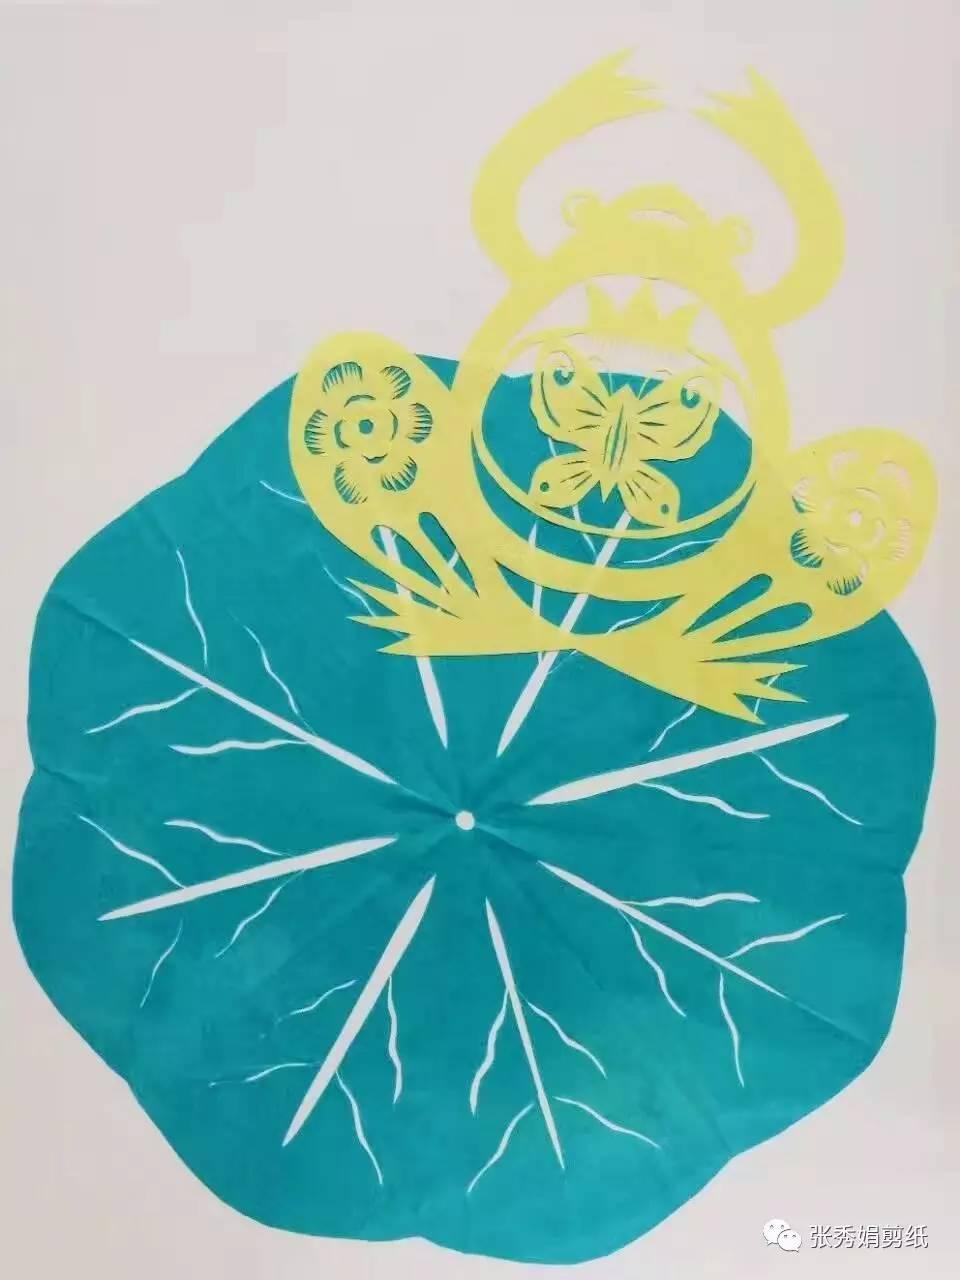 幼儿中班剪纸手工图片